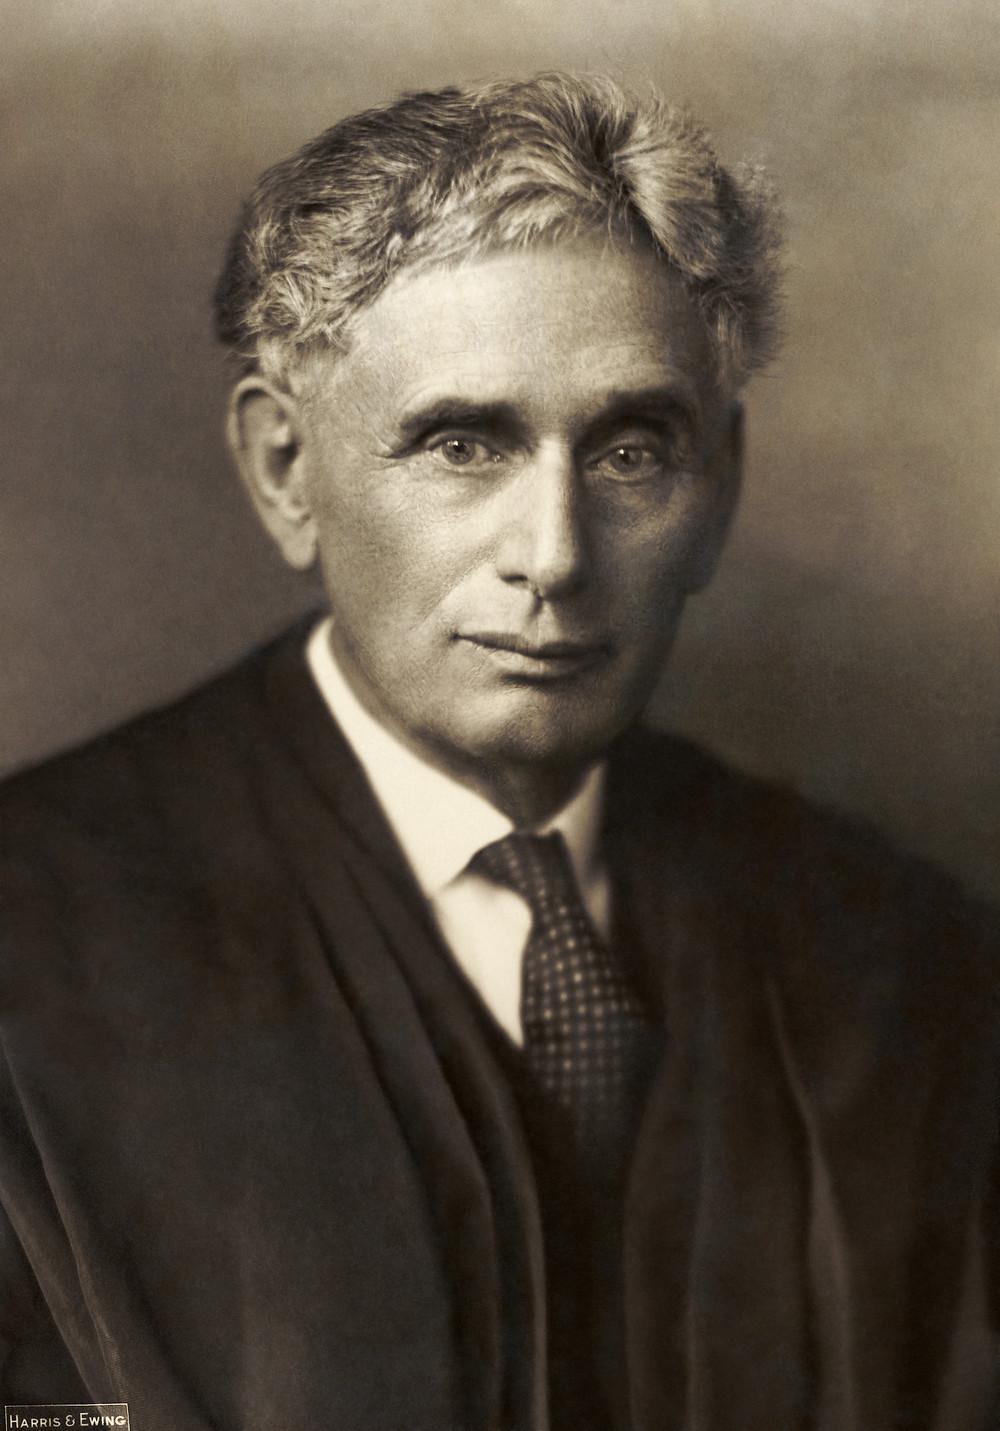 路易士·布蘭戴斯 第一位擔任美國最高法院大法官的猶太裔